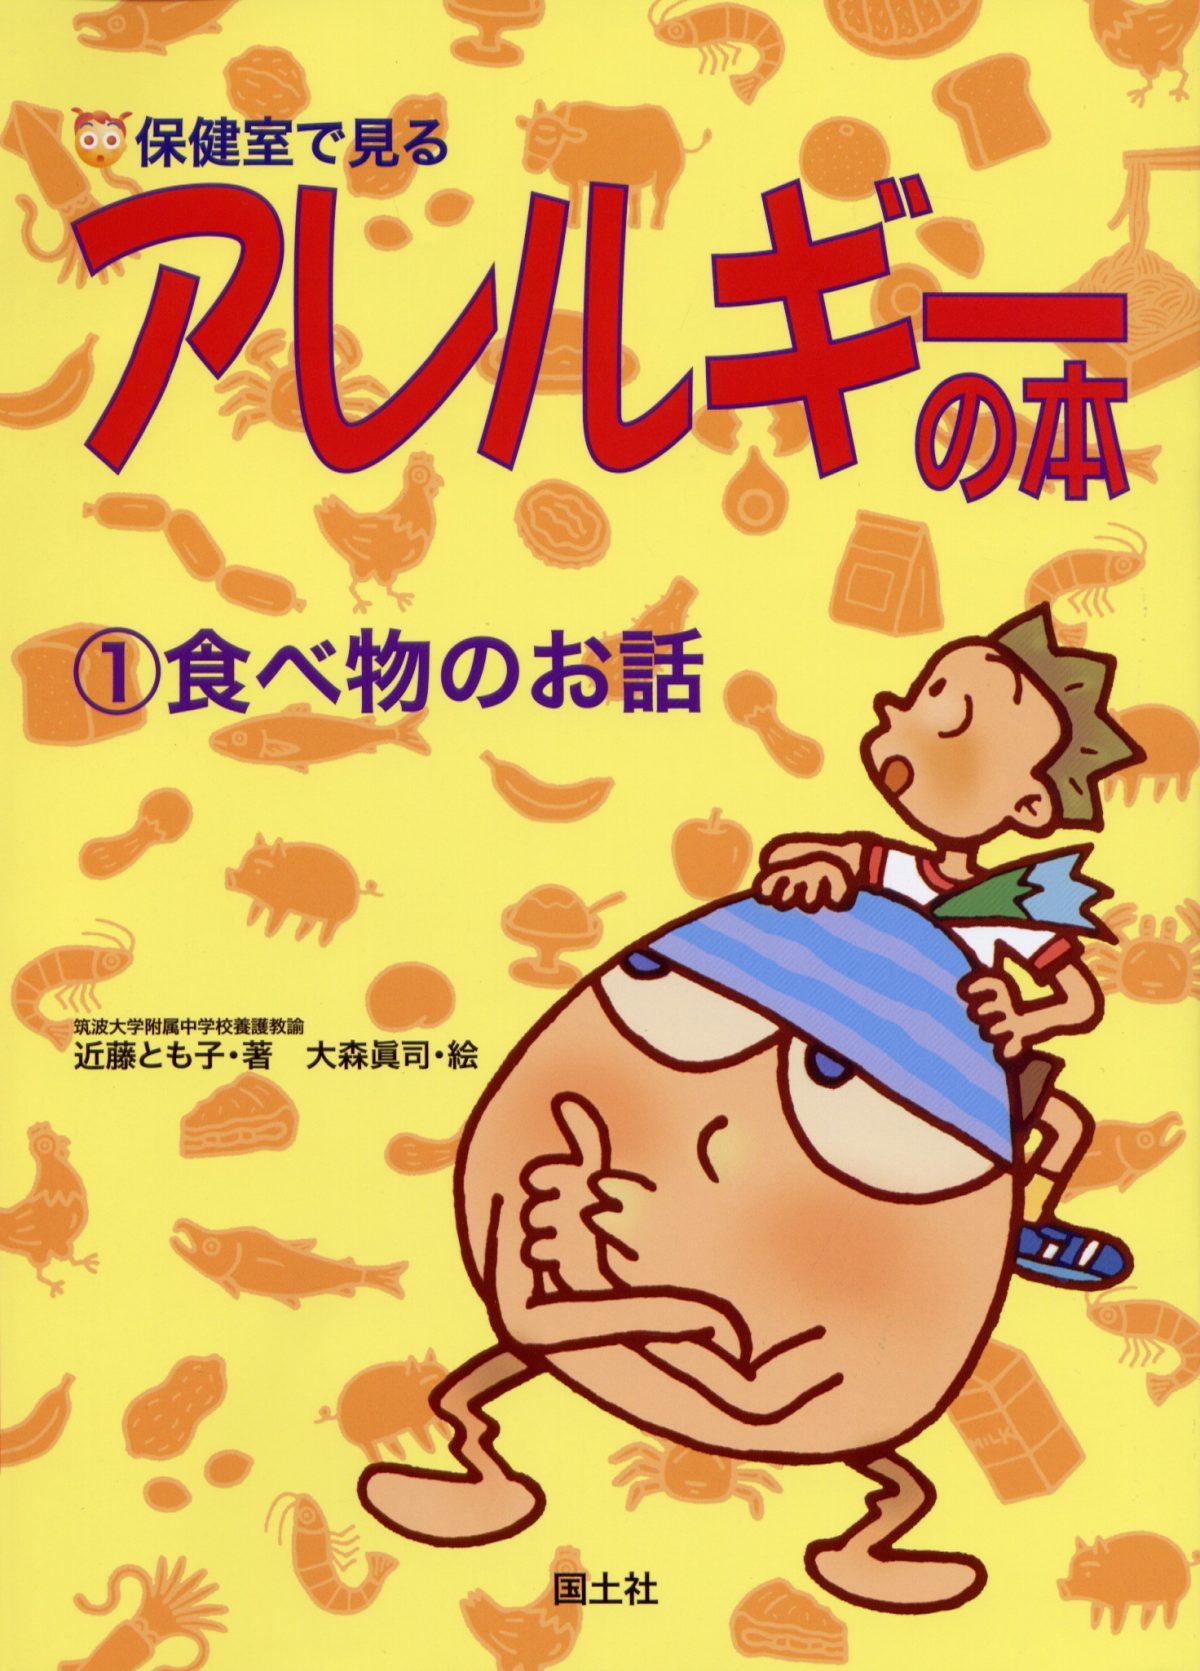 絵本「保健室で見るアレルギーの本 食べ物のお話」の表紙